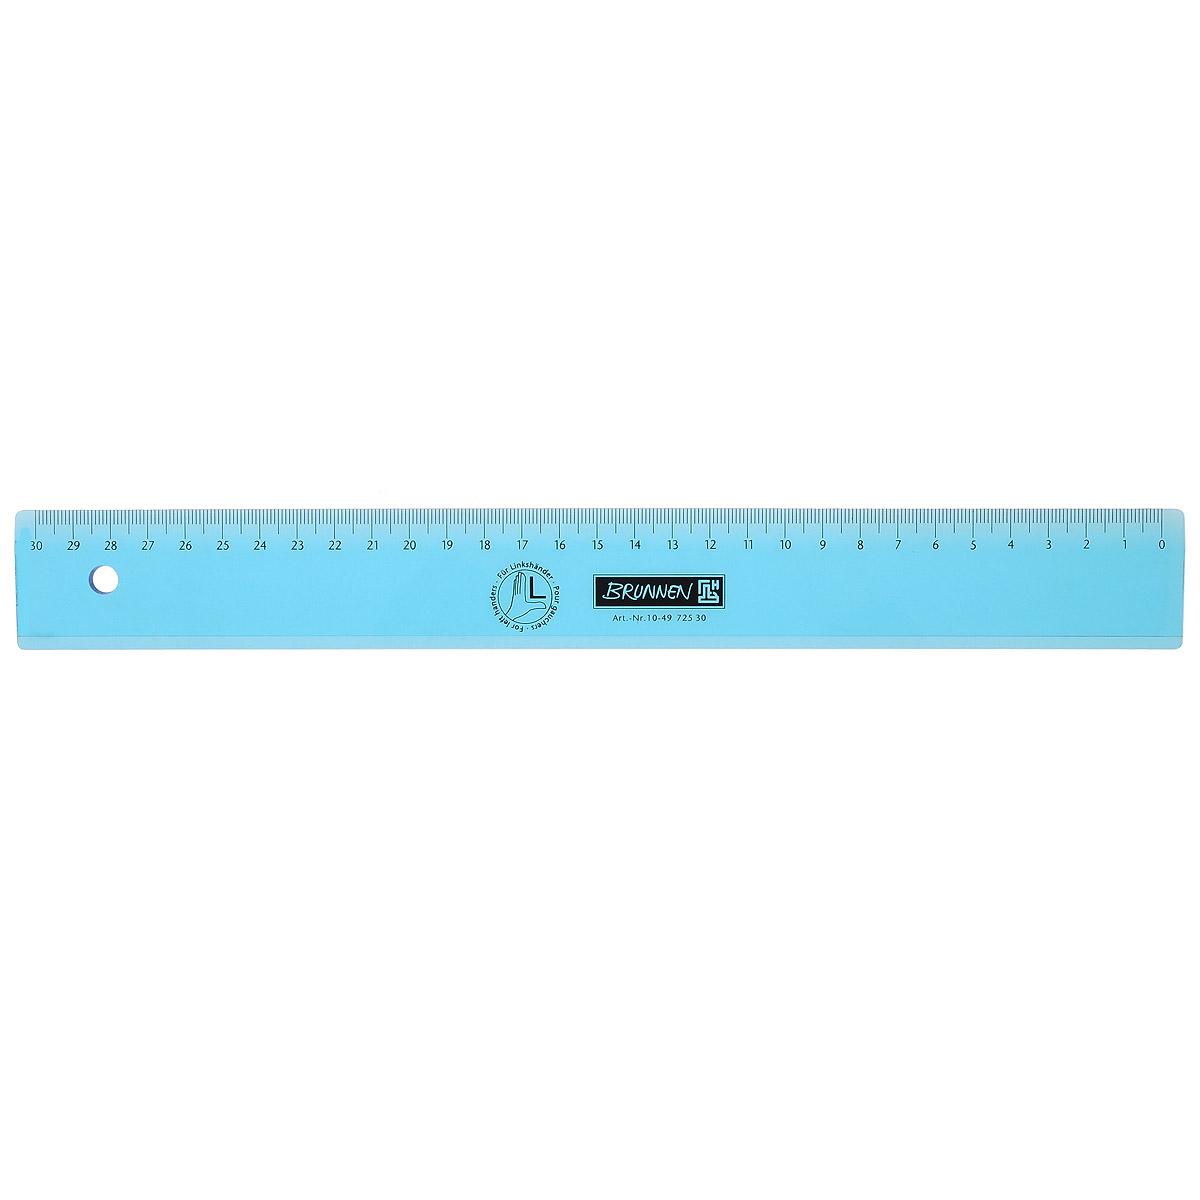 Линейка для левши Brunnen, цвет: голубой, 30 см730396Линейка Brunnen, длиной 30 см, выполнена из прозрачного пластика голубого цвета. Линейка предназначена специально для левшей. Шкала на линейке расположена справа налево. Линейка Brunnen - это незаменимый атрибут, необходимый школьнику или студенту, упрощающий измерение и обеспечивающий ровность проводимых линий.